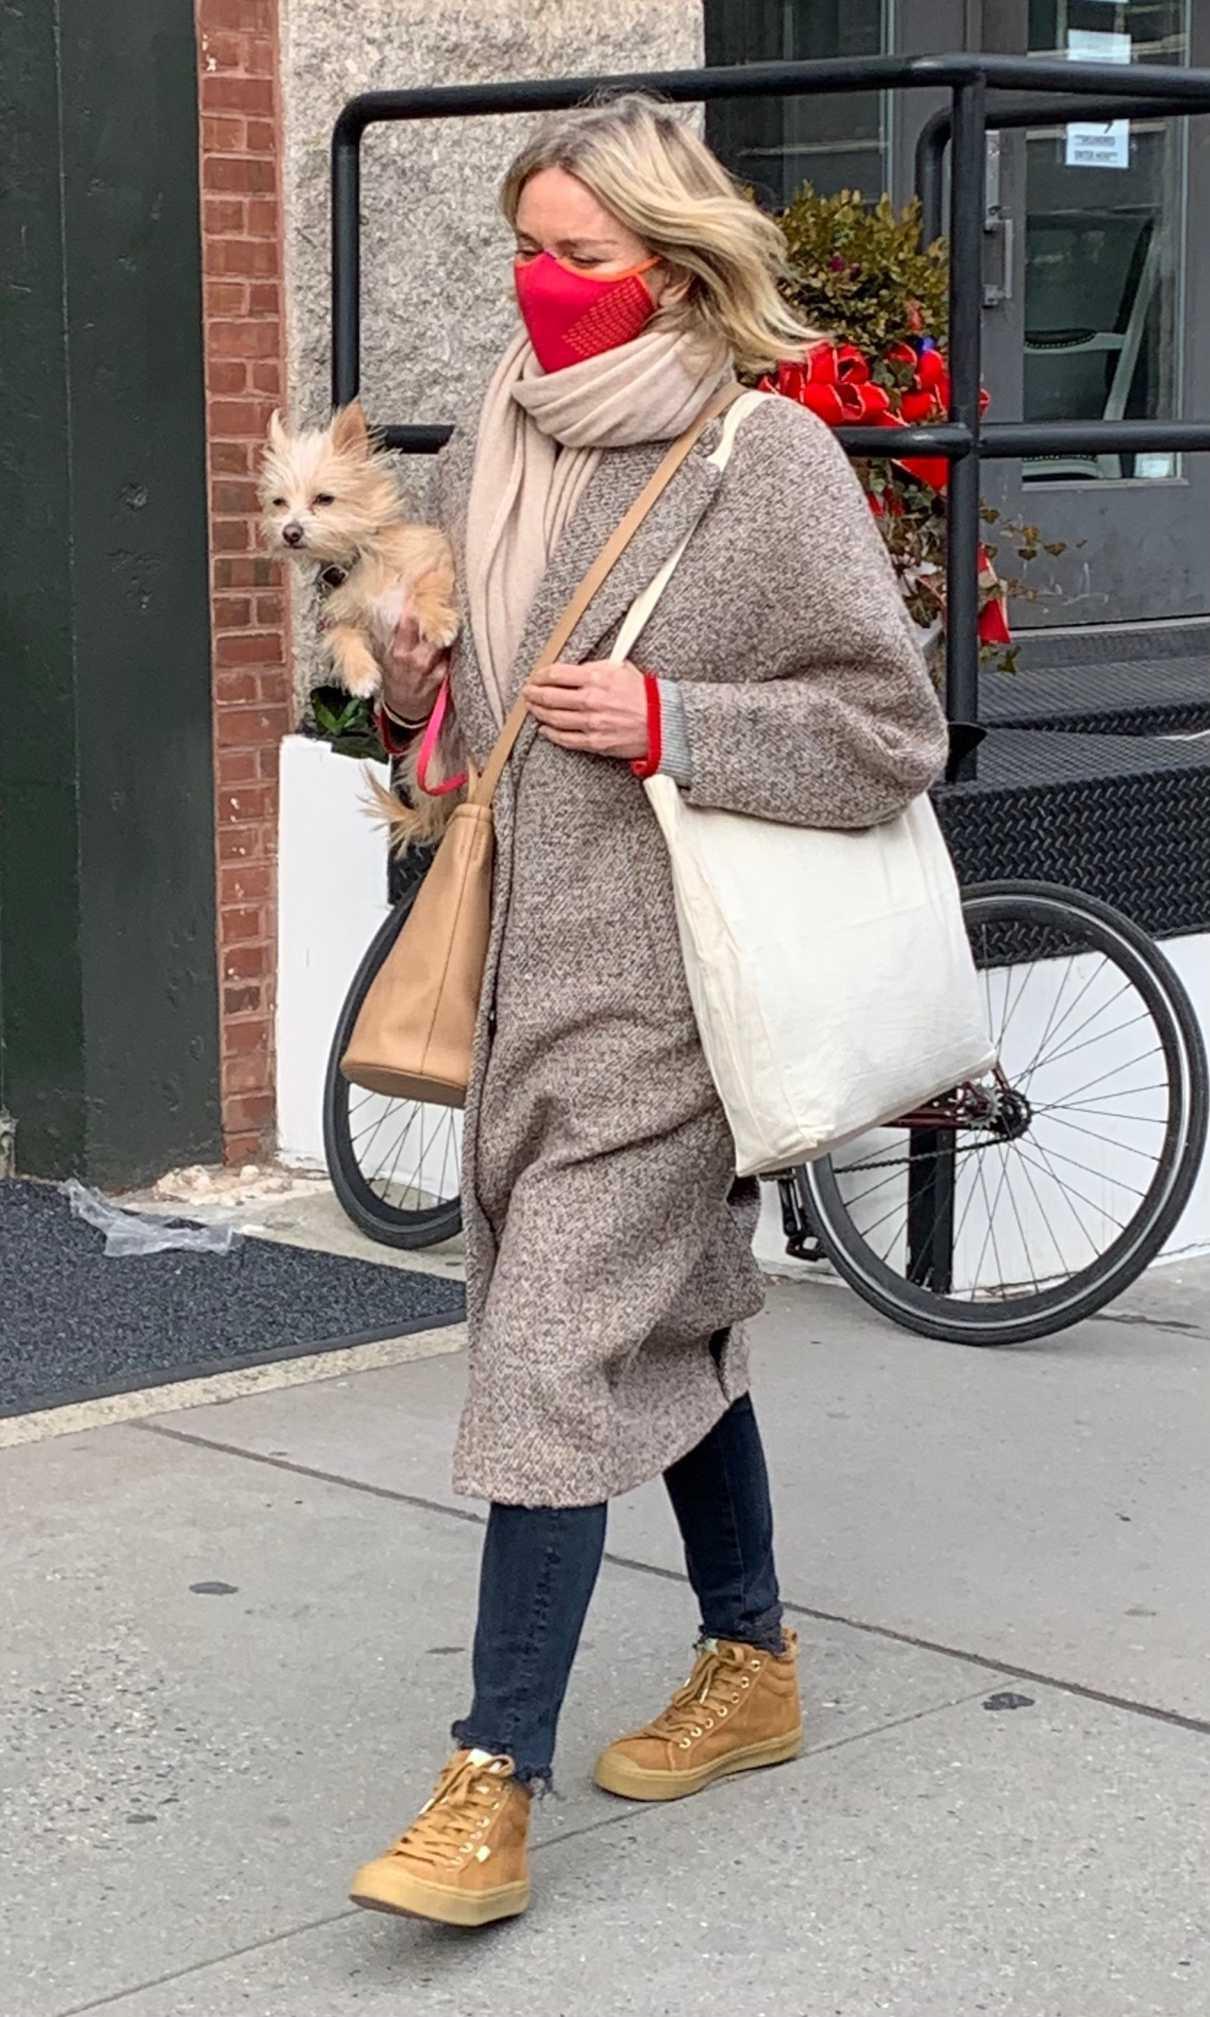 Naomi Watts in a Tan Coat